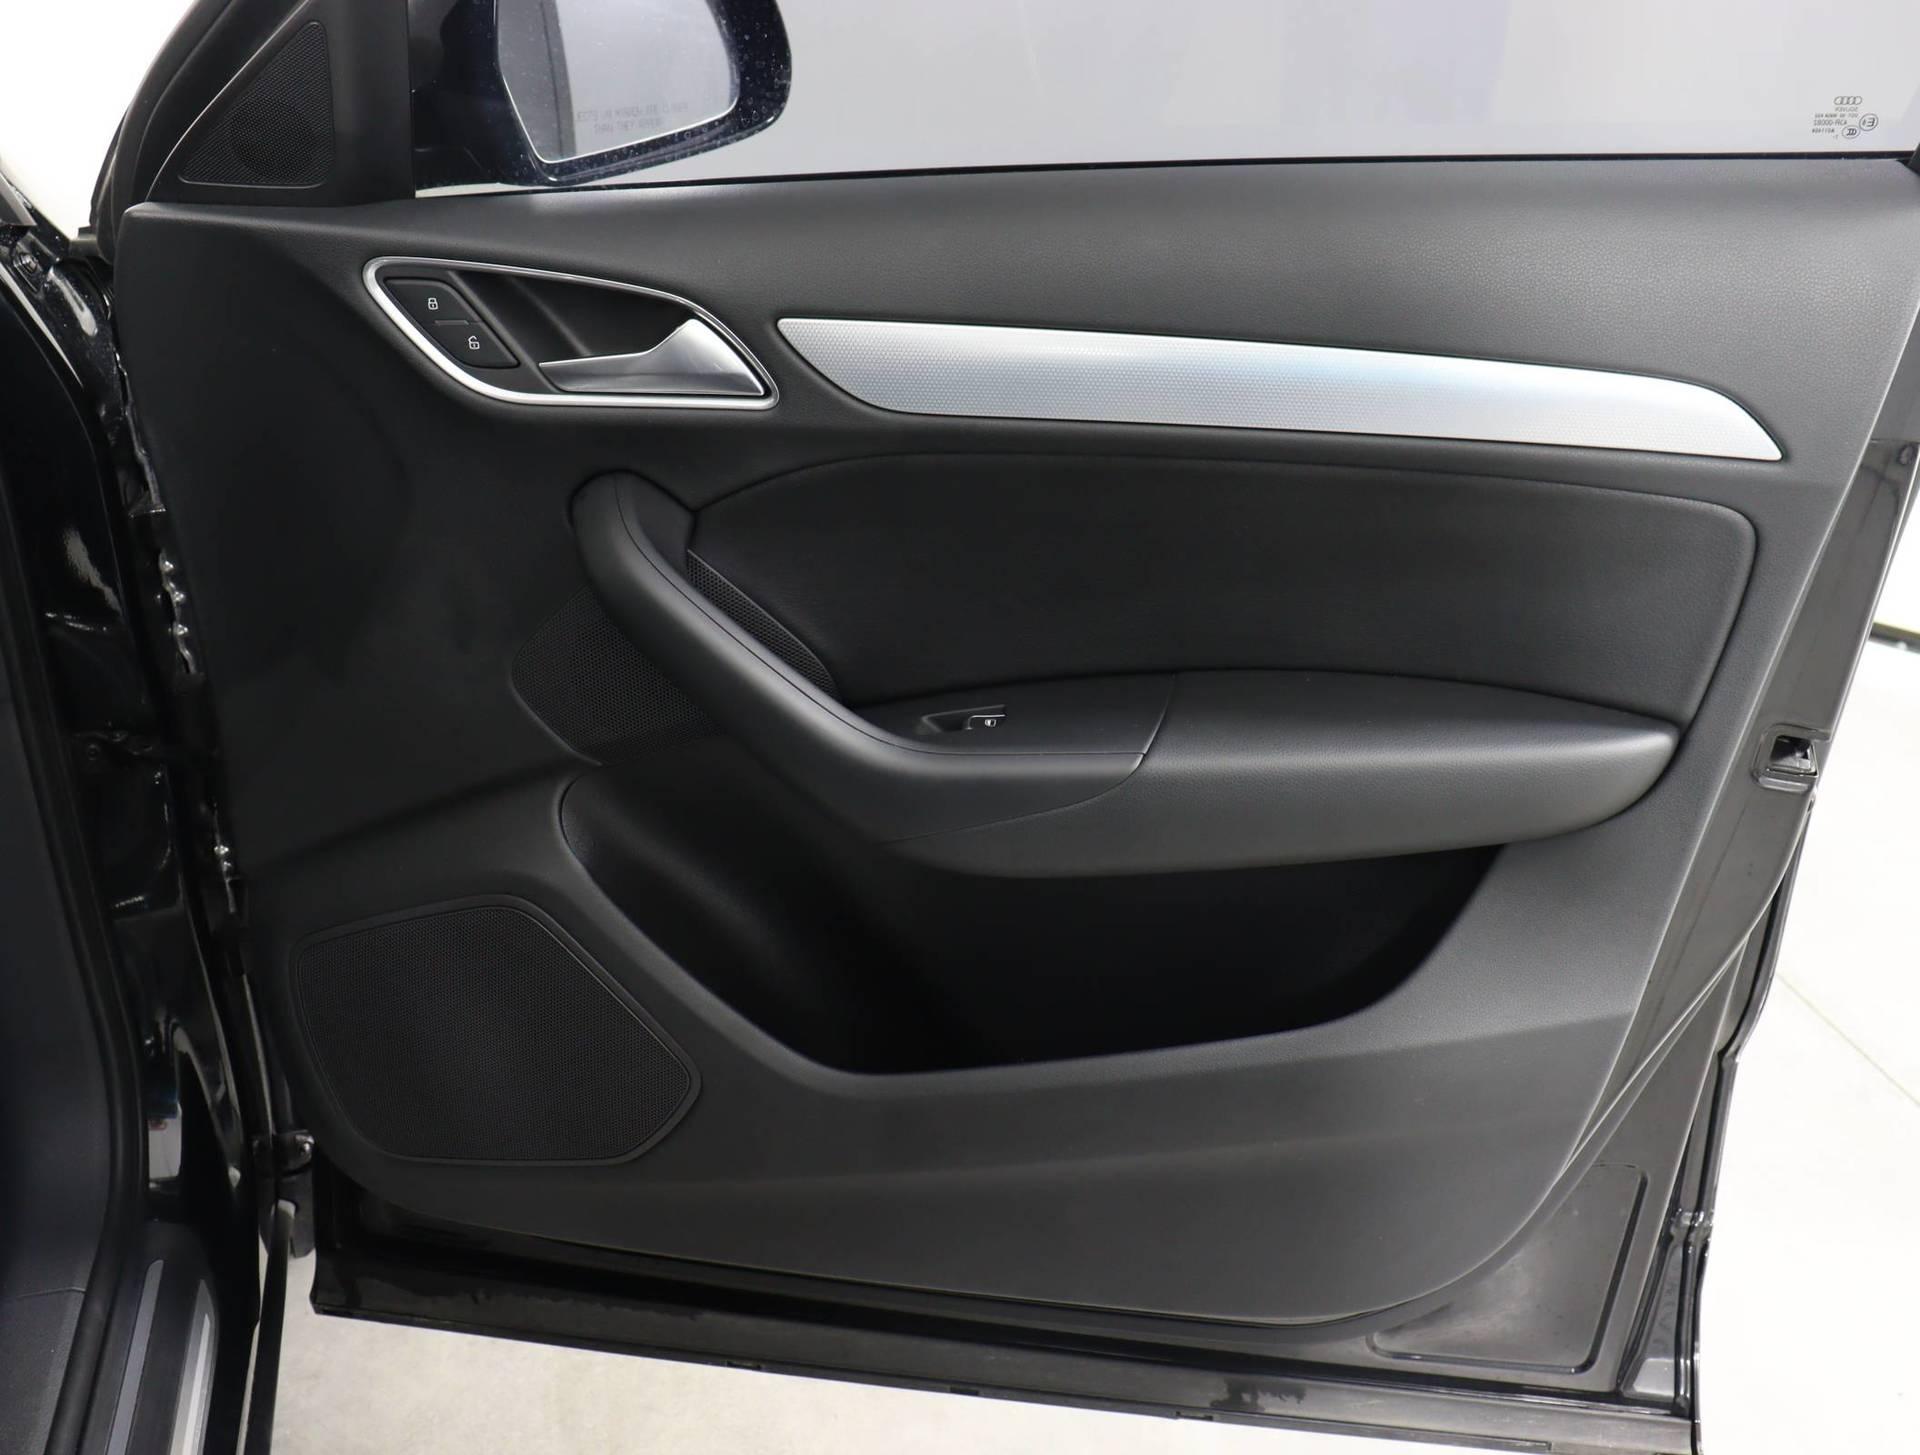 used vehicle - SUV AUDI Q3 2018